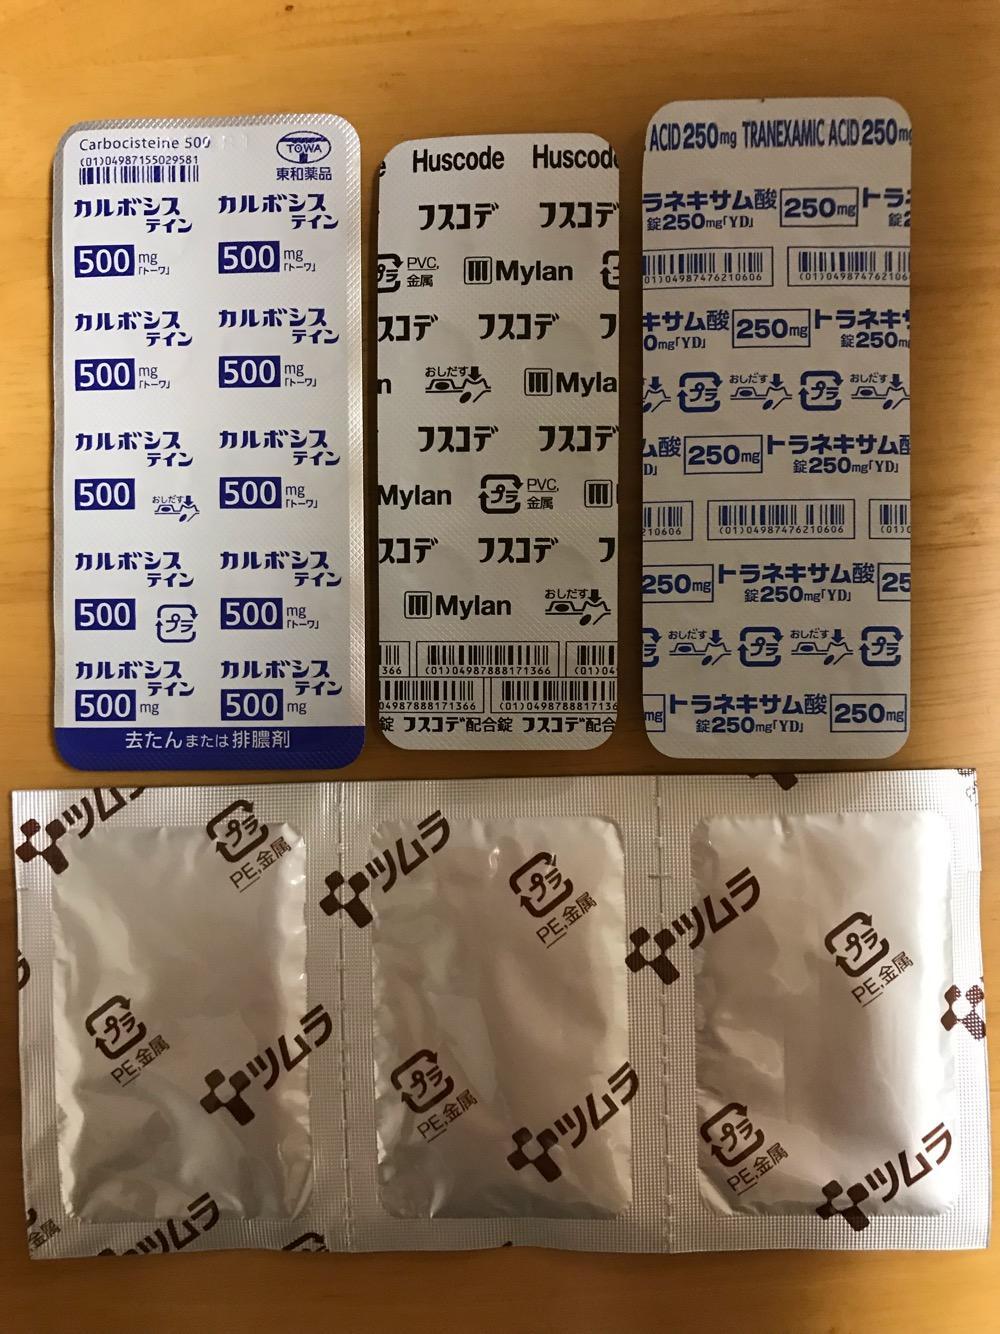 カルボシステイン 500mg「トーワ」、フスコデ配合錠、トラネキサム酸錠 250mg「YD」、ツムラ 小青竜湯 3.0g(裏側)